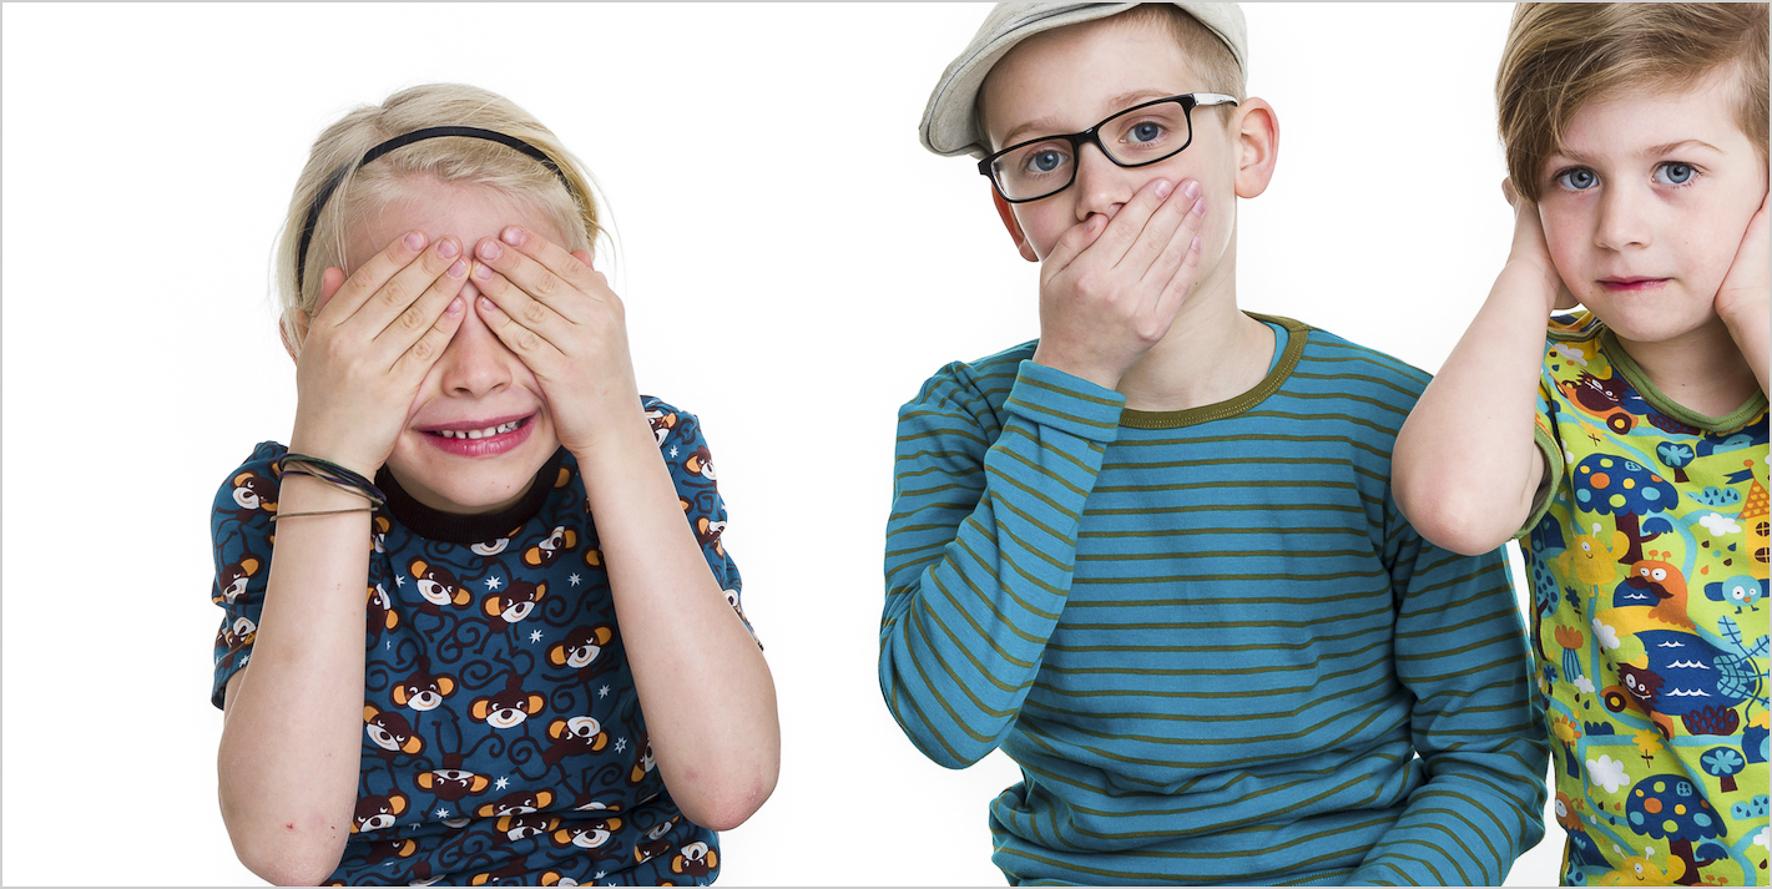 Kinderfotografie Geschwister Portrait kreativ